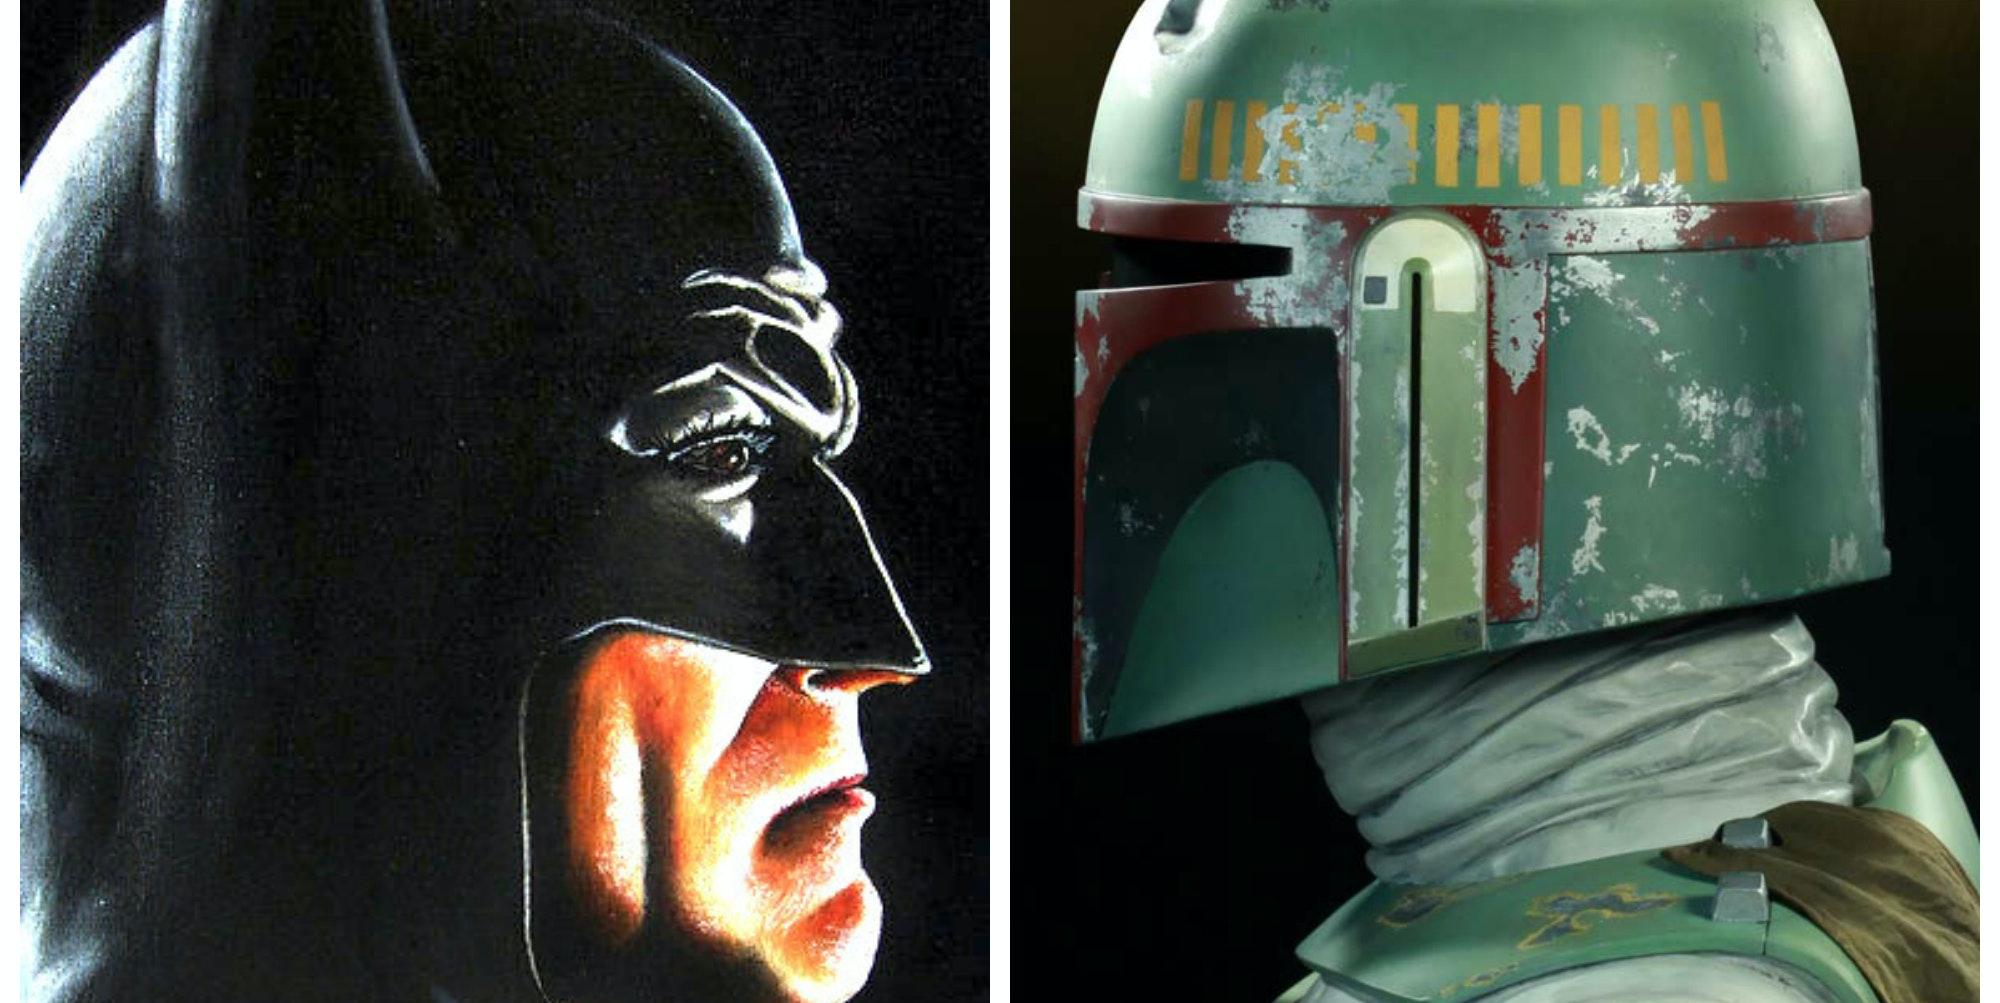 Who Would Win if Batman Actually Fought Boba Fett?